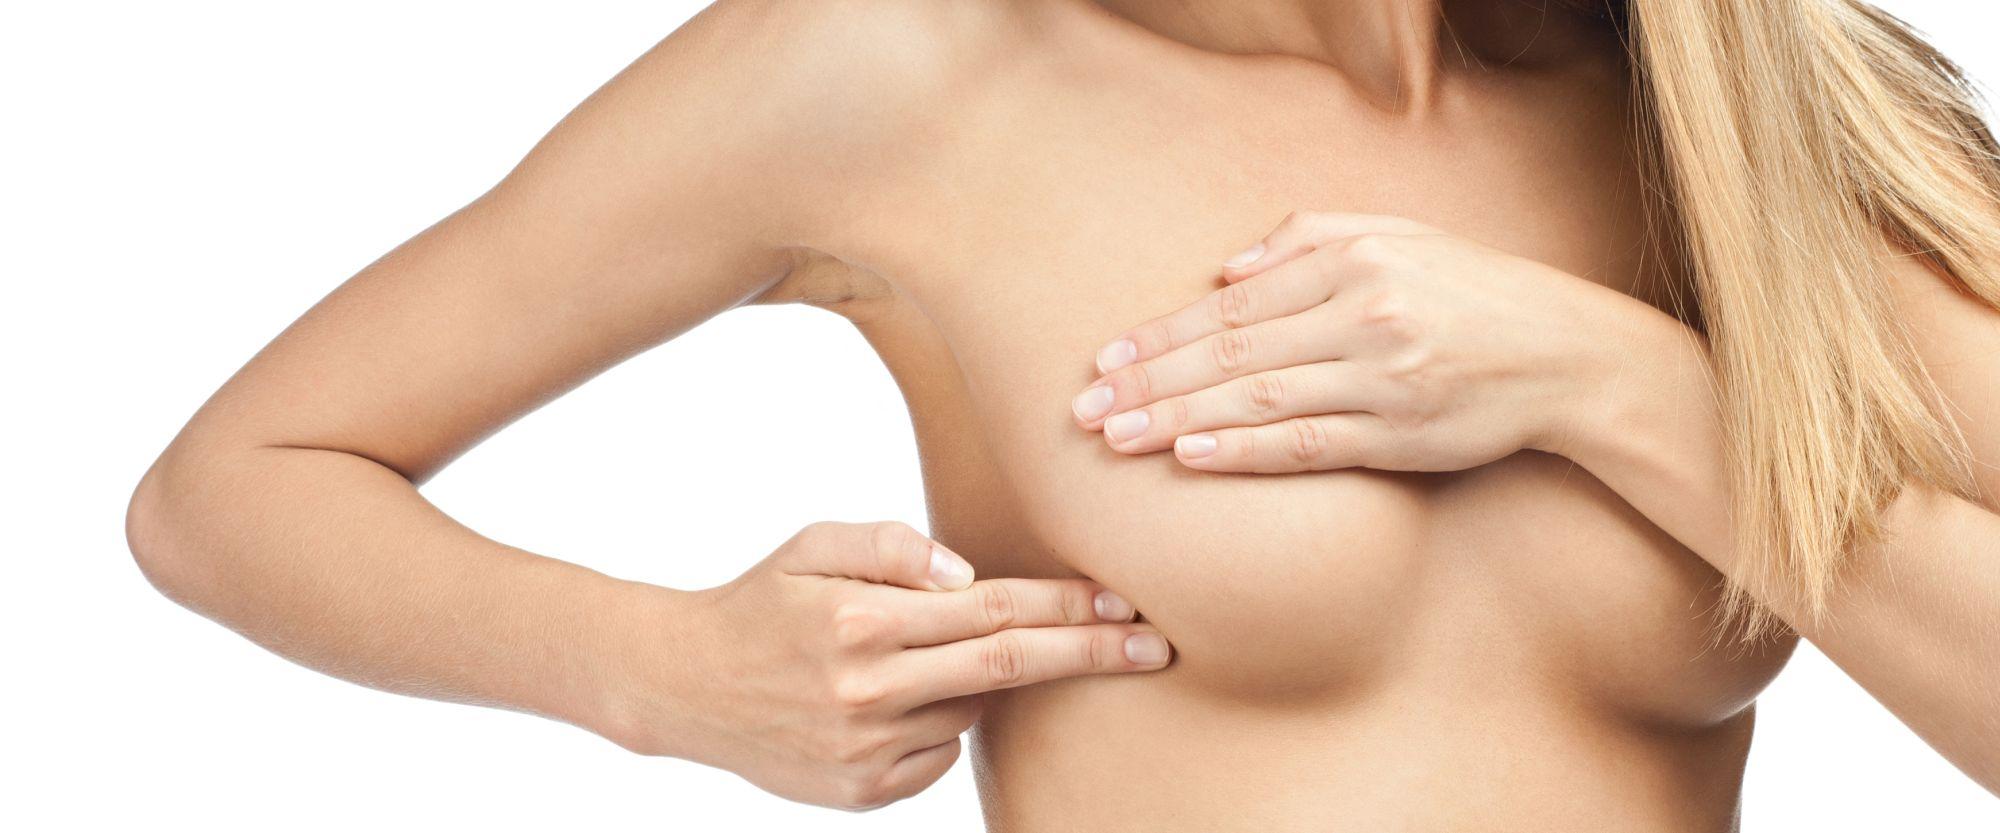 női mellbimbók felállítása